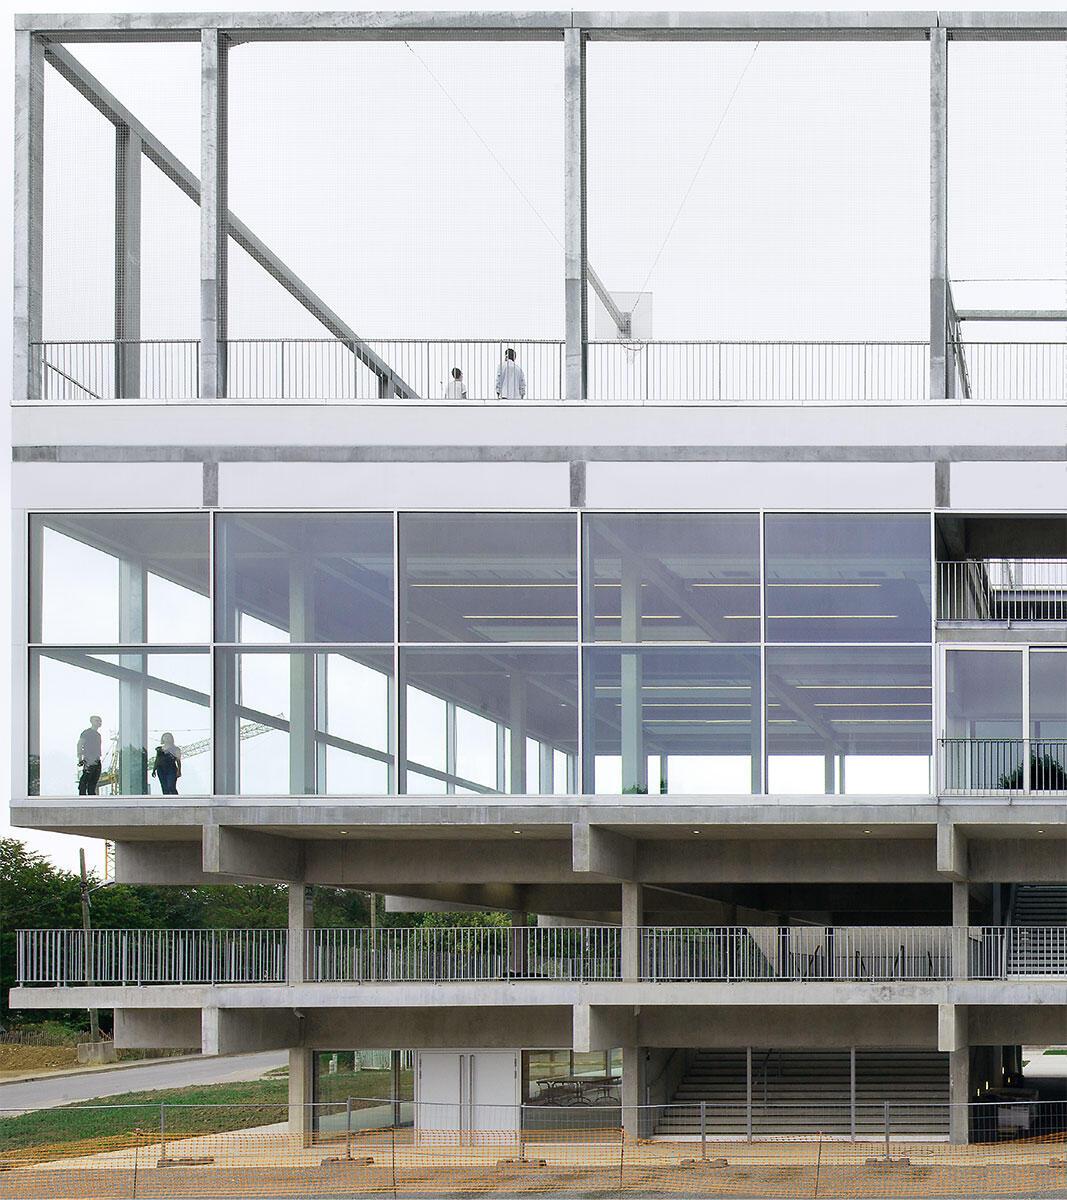 Jede Etage im massiven Betonregal ist anders bespielt. Es stapeln sich: Café, Frischluftterrasse, Speisesaal, Gymnastikraum und Sportfeld. Bild: Maxime Delvaux